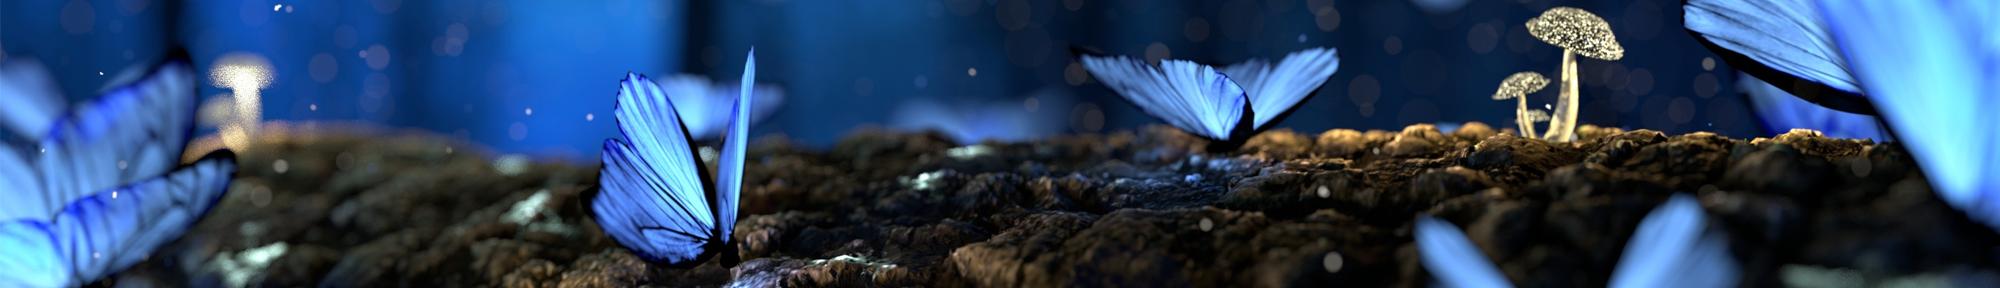 Recevez la newsletter du site Cristalange de bijoux lithothérapie et bijoux anges gardiens et solutions bien-être